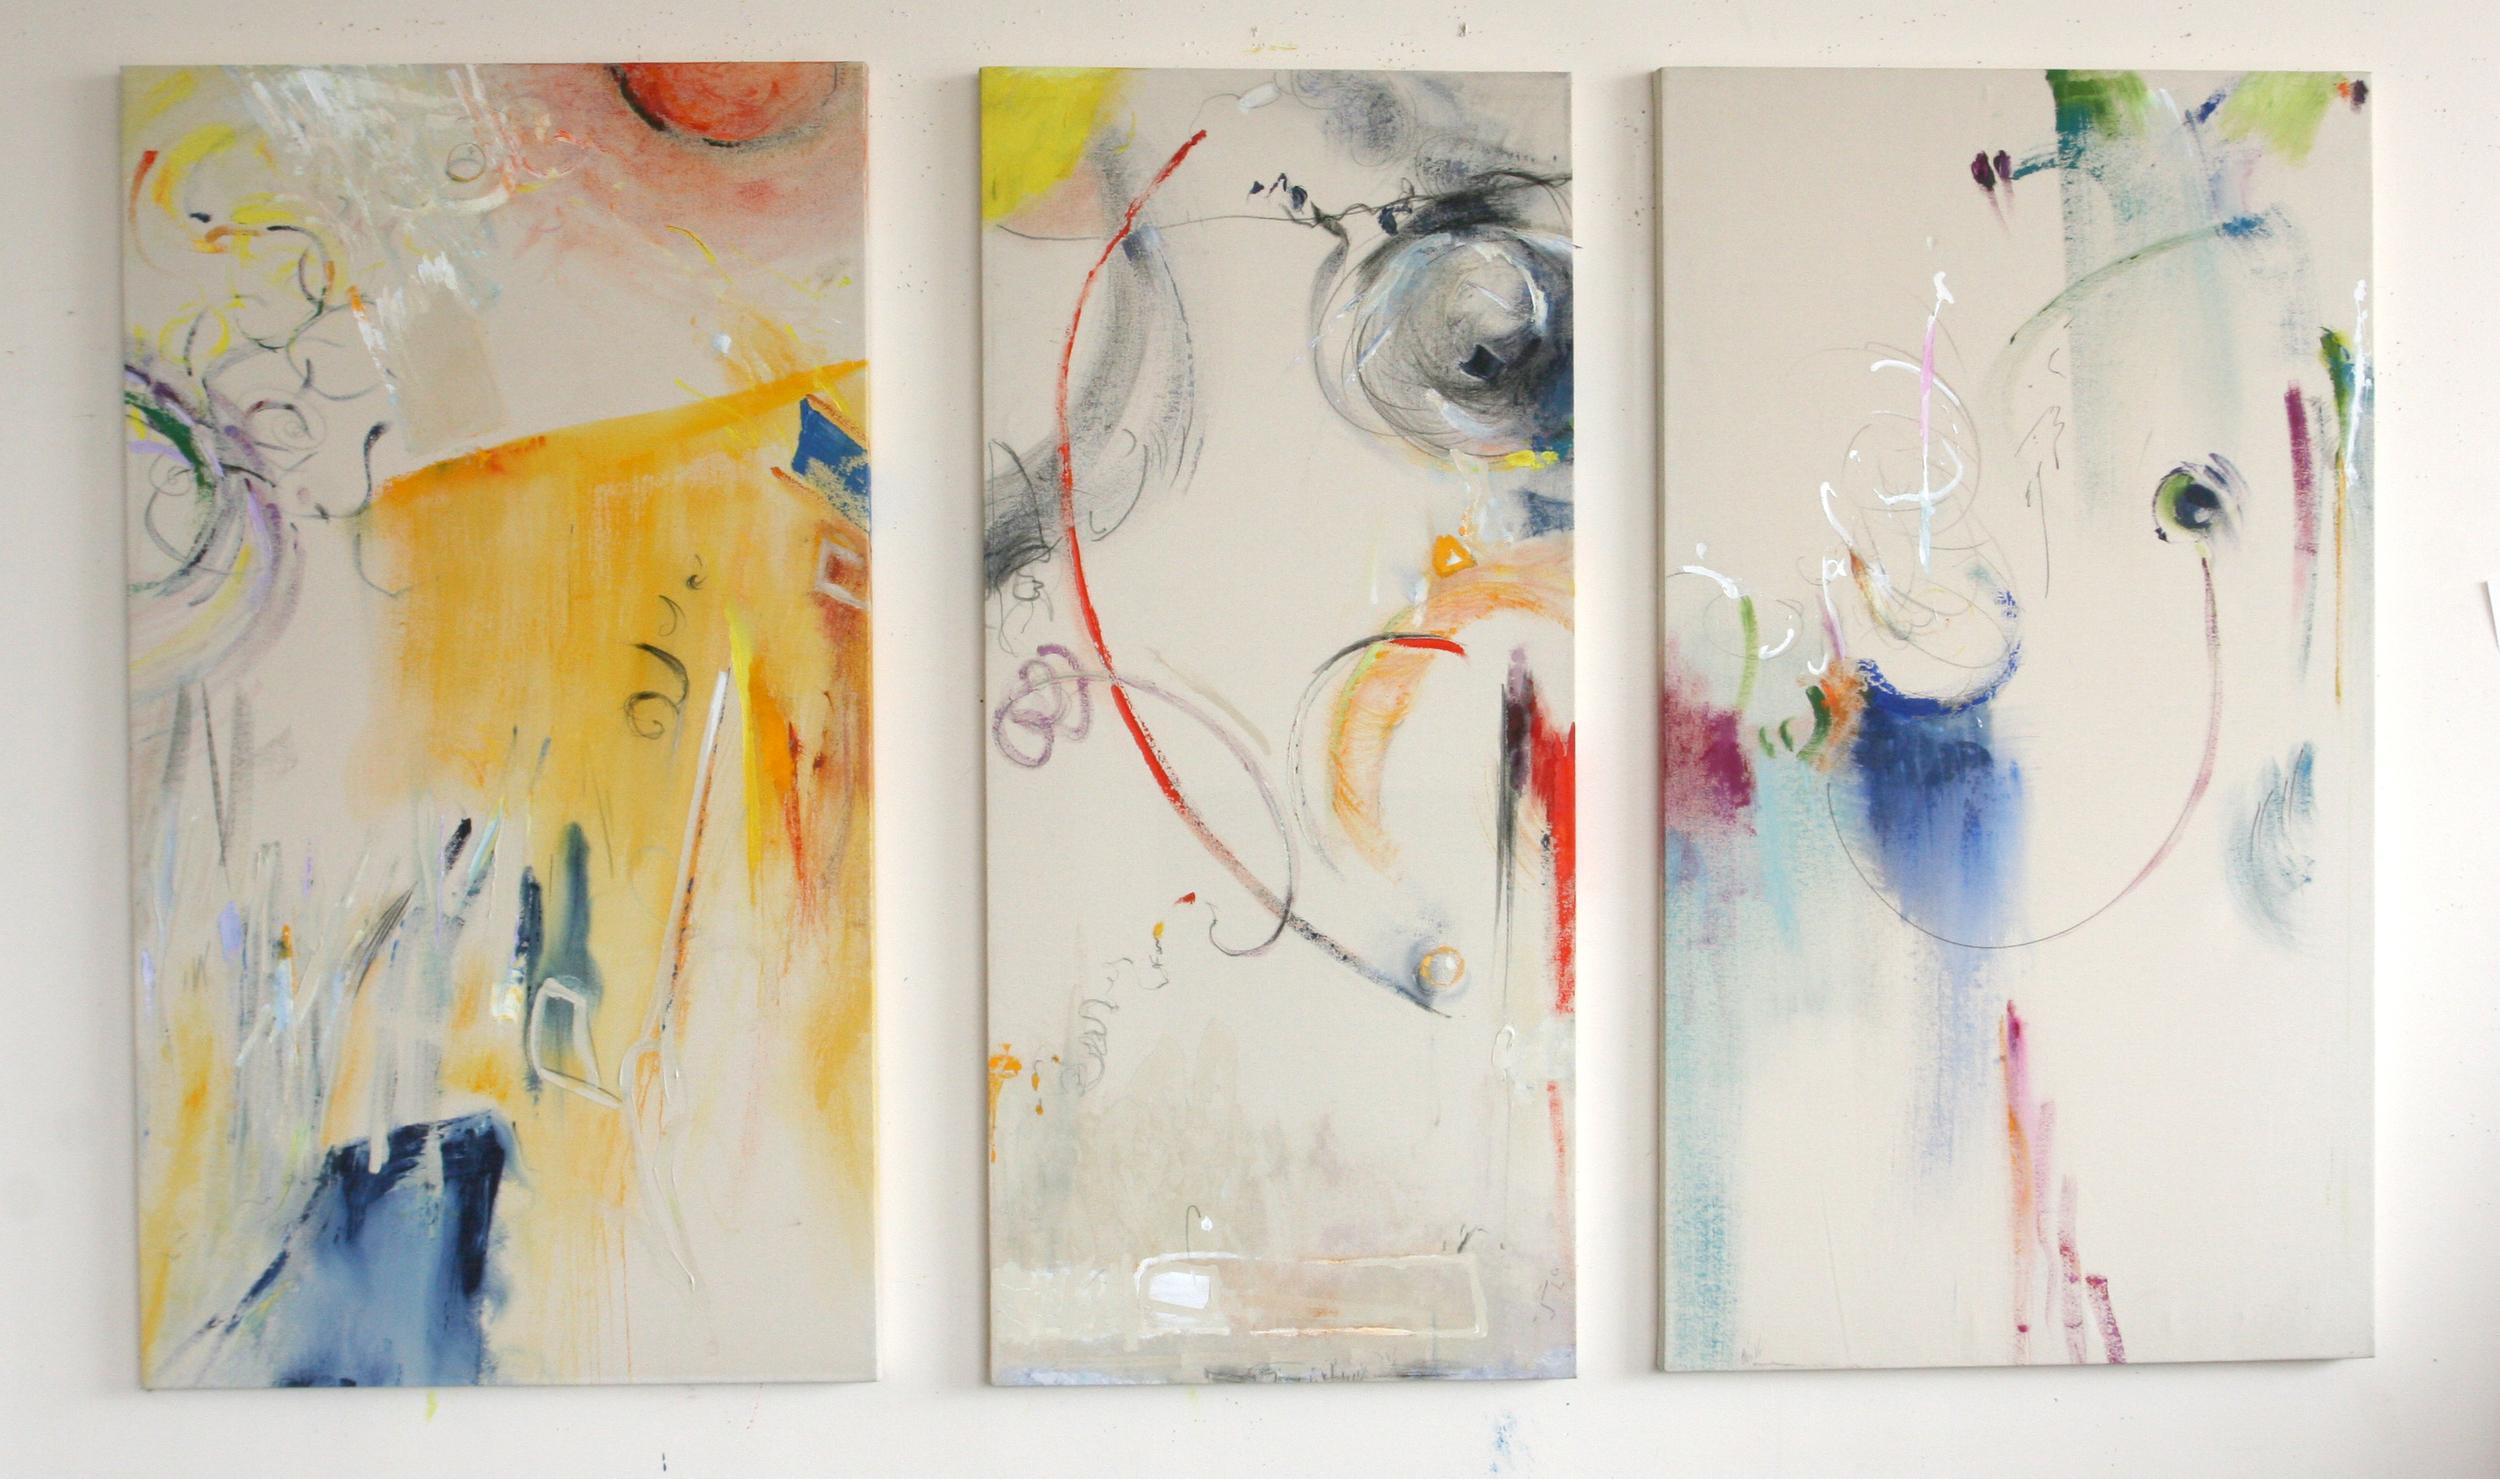 Stravinsky Octet Three paintings MG_8635.jpg